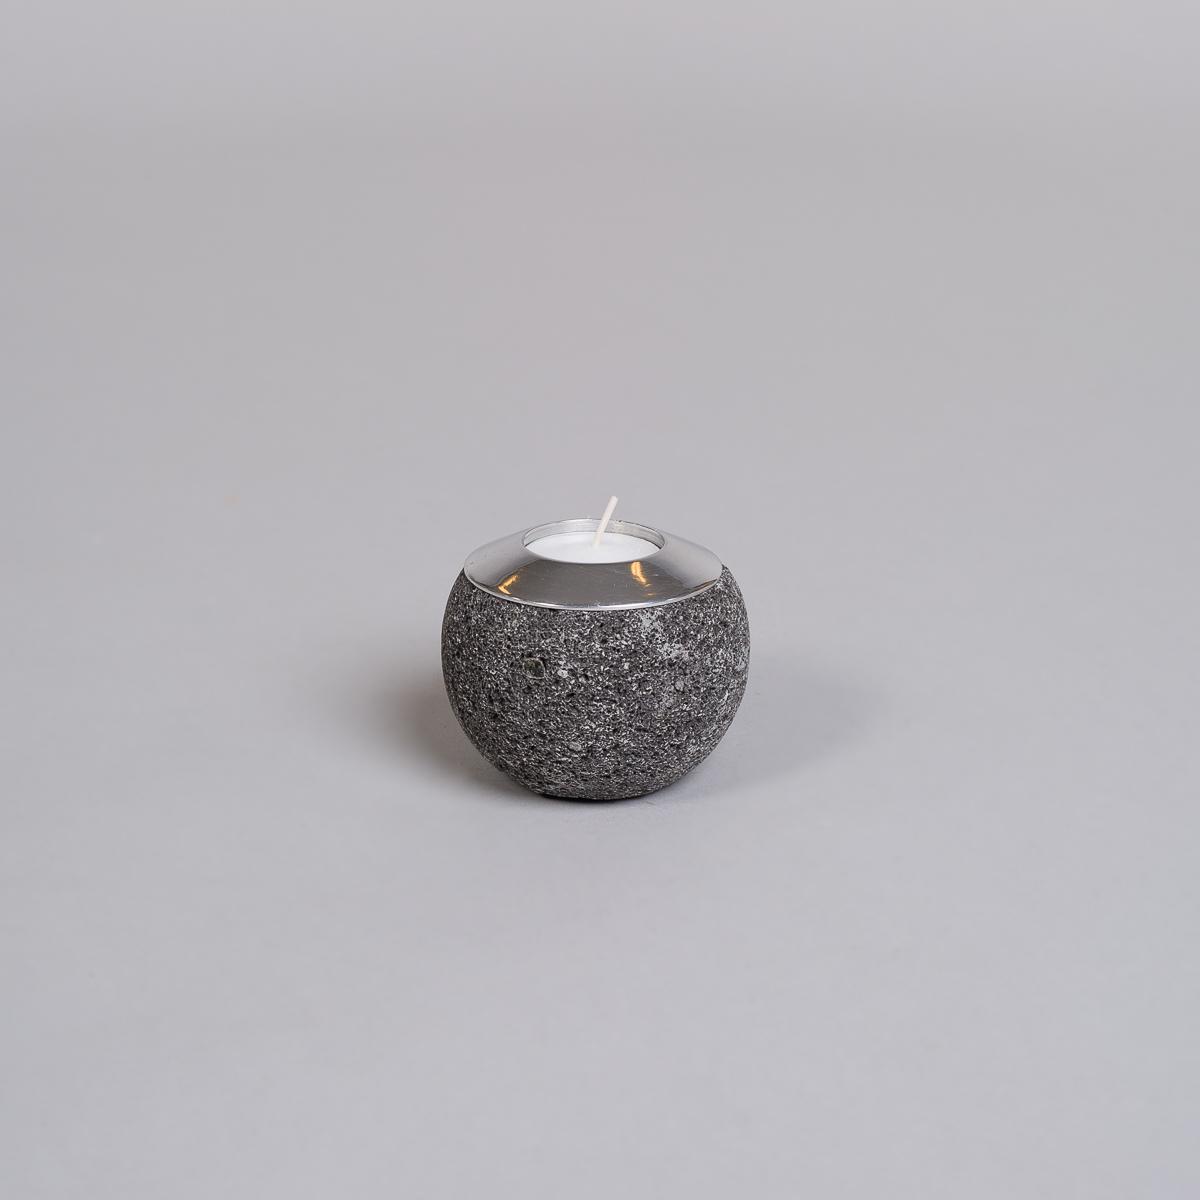 Te-lysholder i svart lava-liten-0